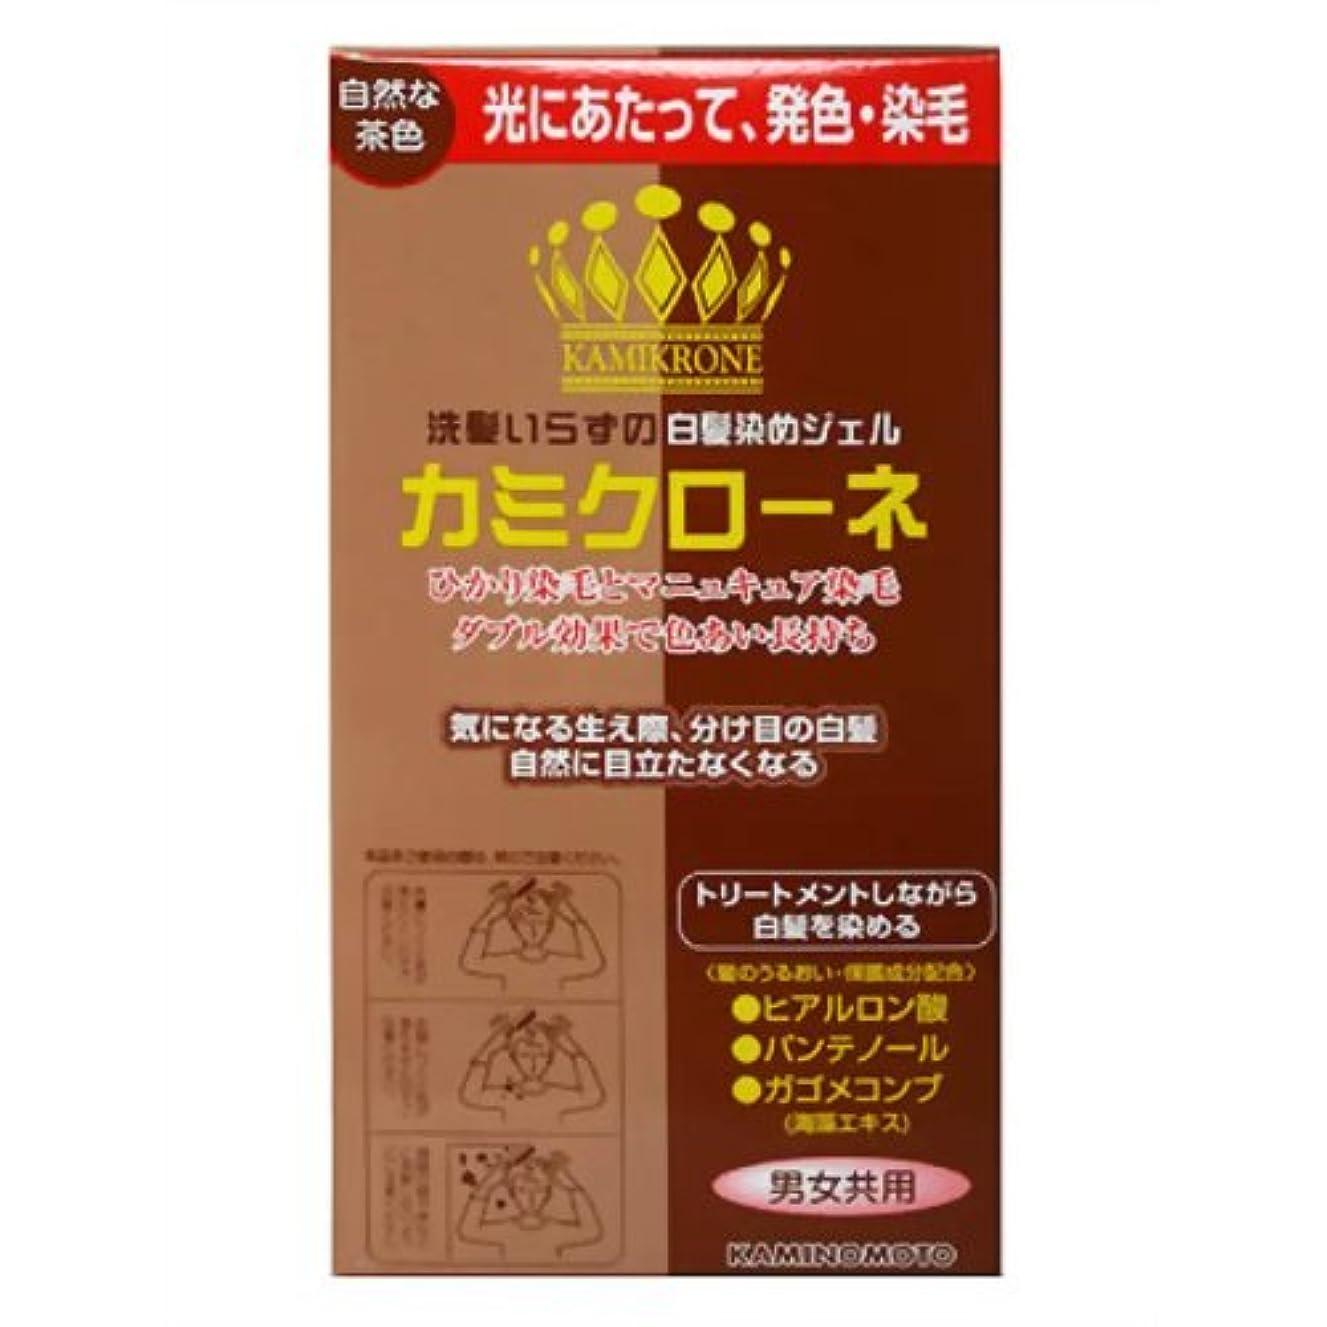 狂気硫黄影響する加美乃素 カミクローネ 自然な茶色 80ml